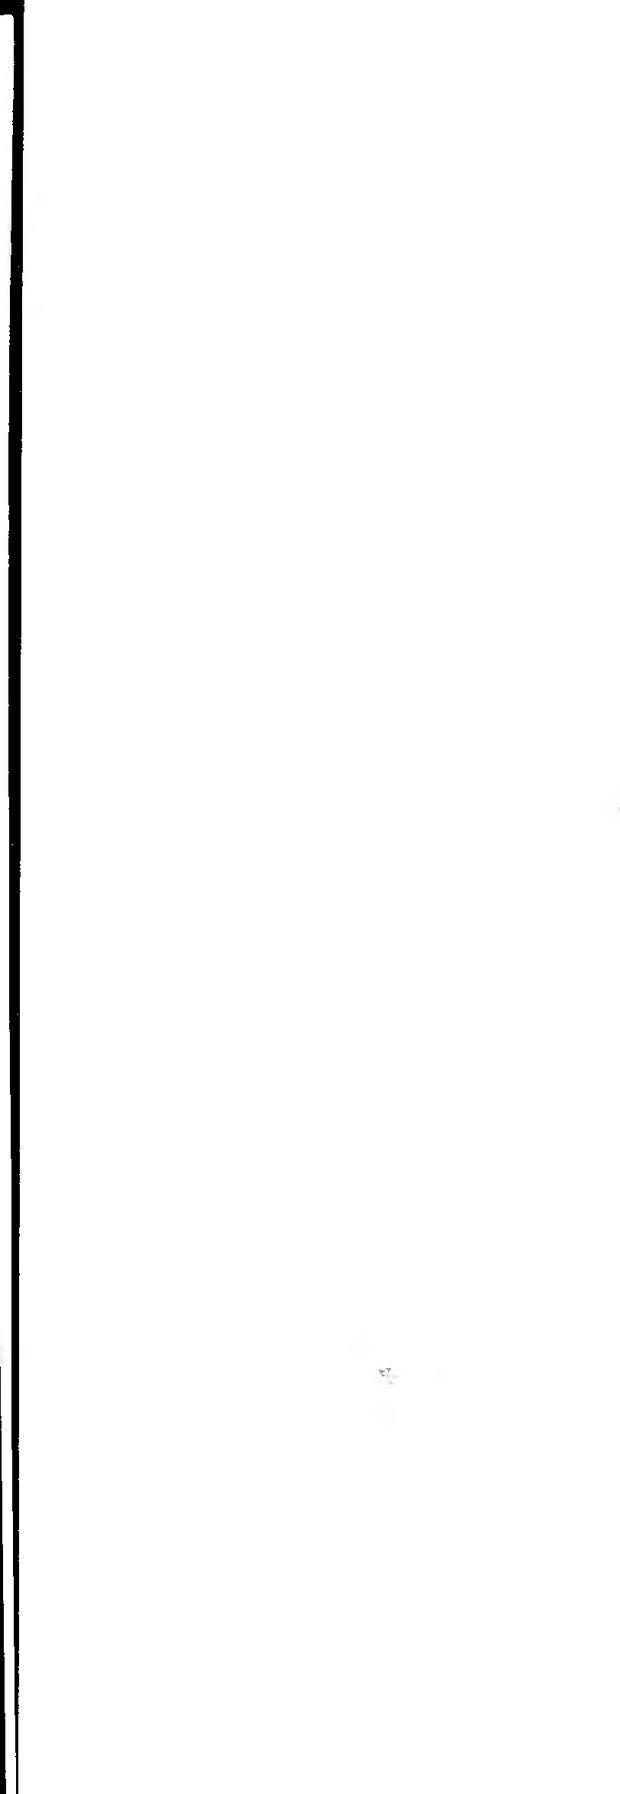 DJVU. Нейротрансформинг. Основы самоконсультирования. Ковалёв С. В. Страница 1. Читать онлайн